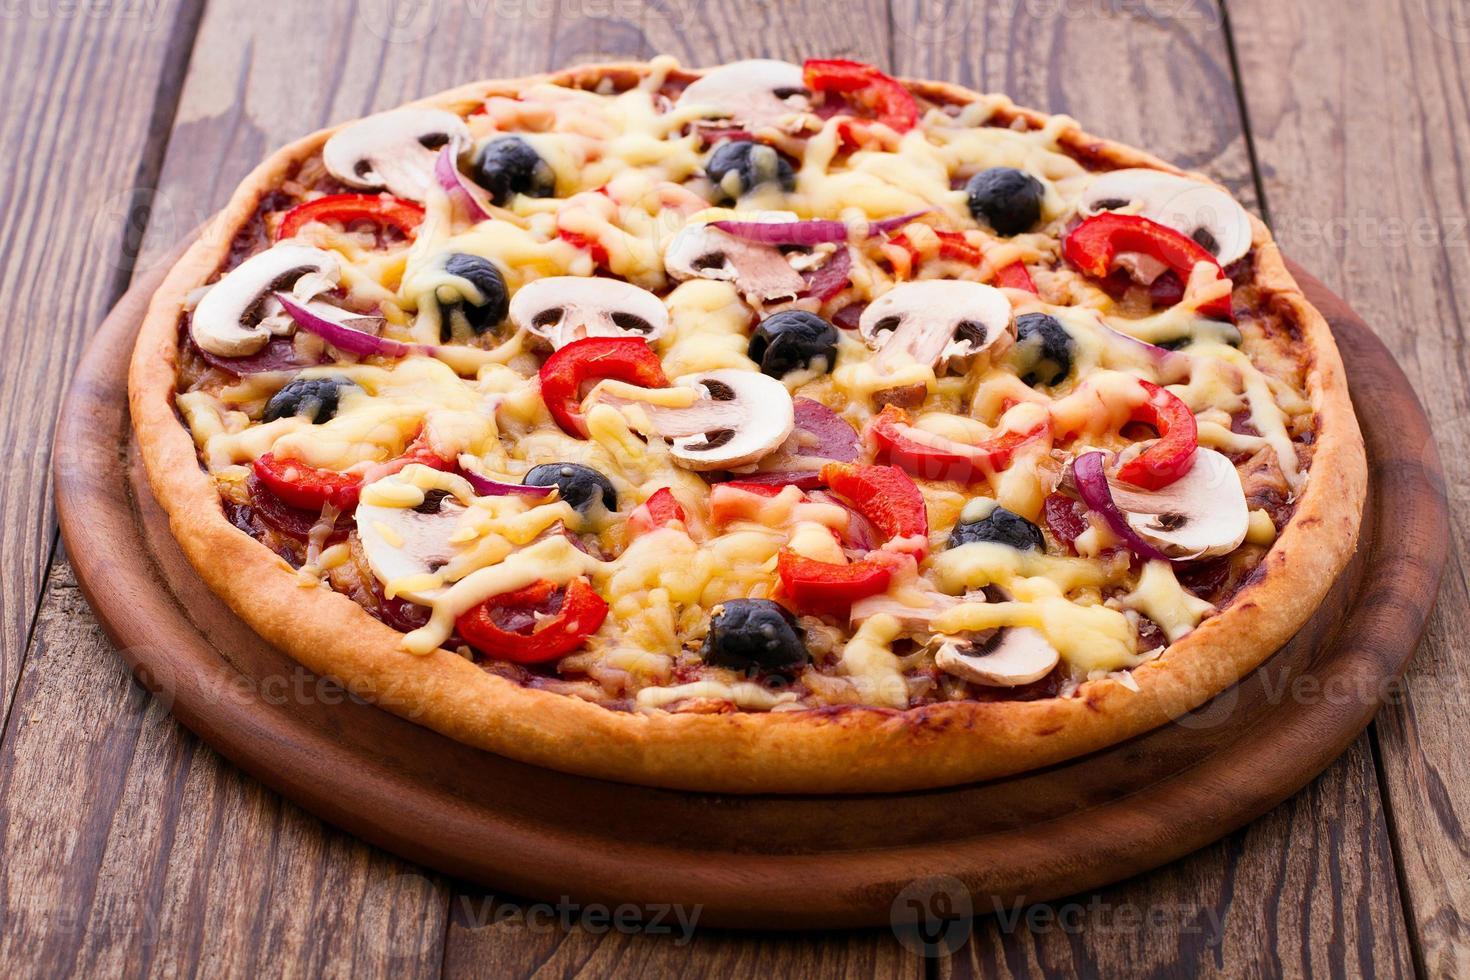 pizza con mariscos en la mesa de madera foto